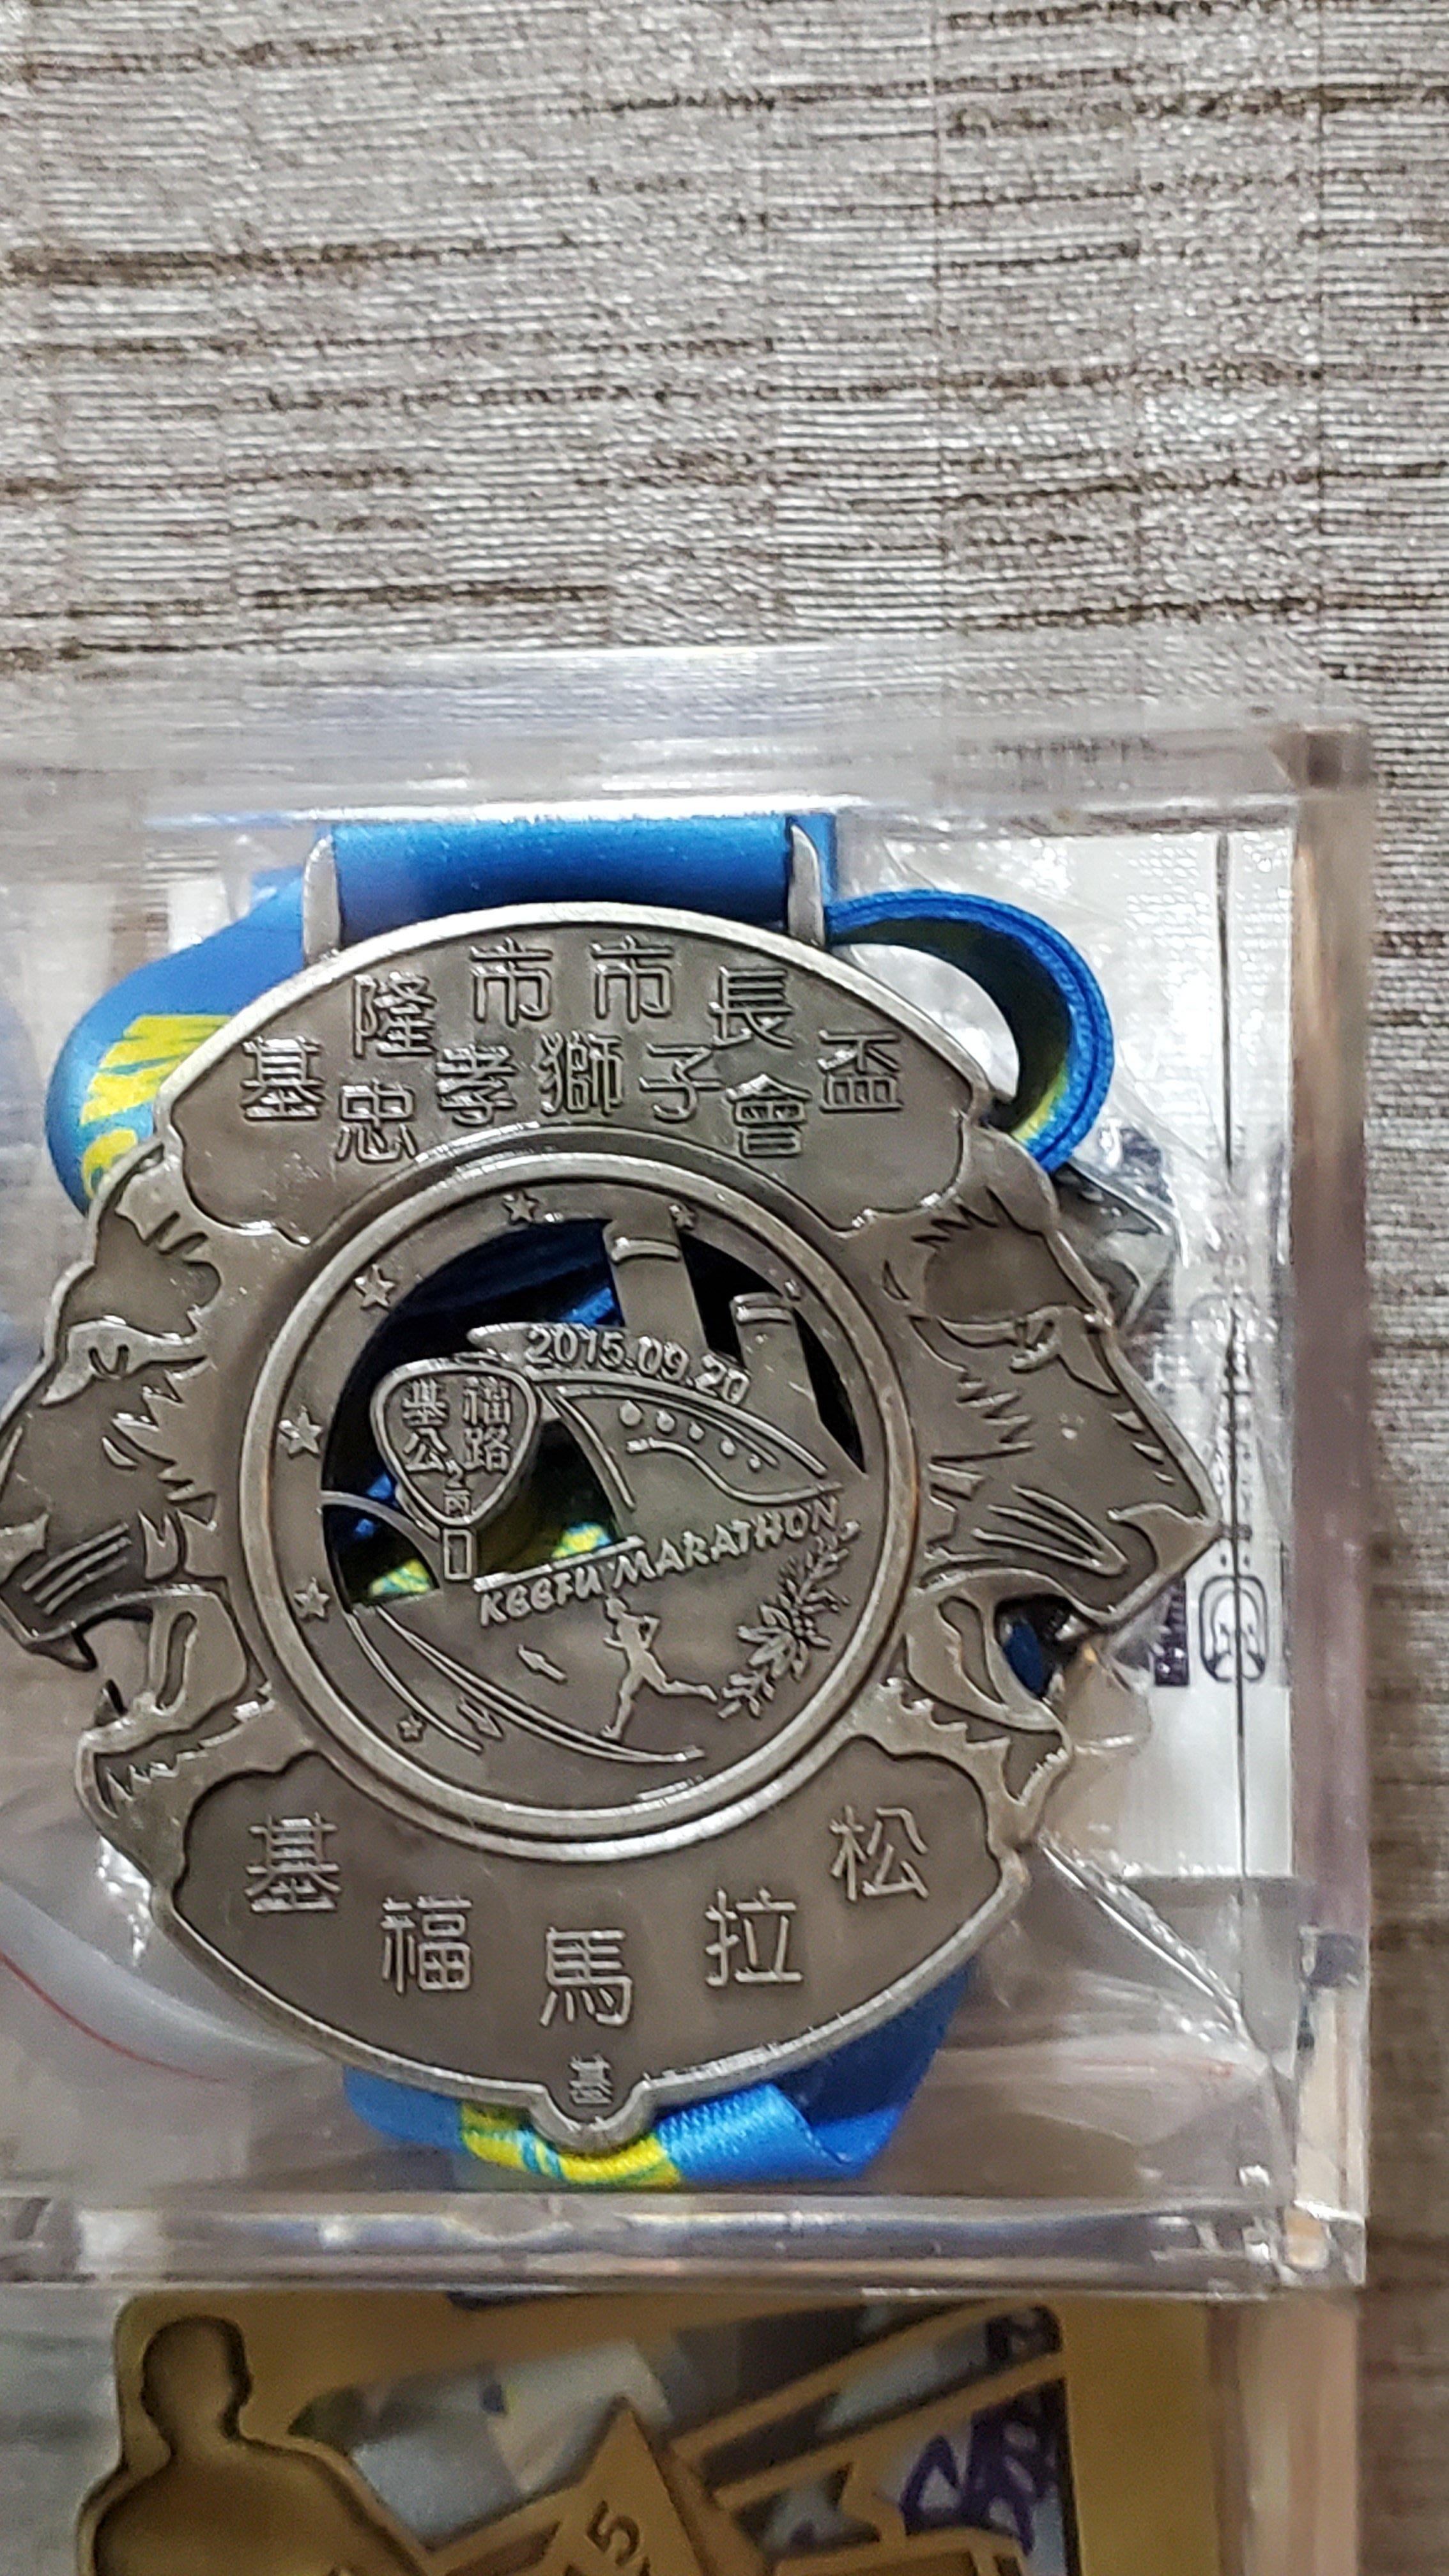 2015-基福馬拉松完賽獎牌一枚。300起標